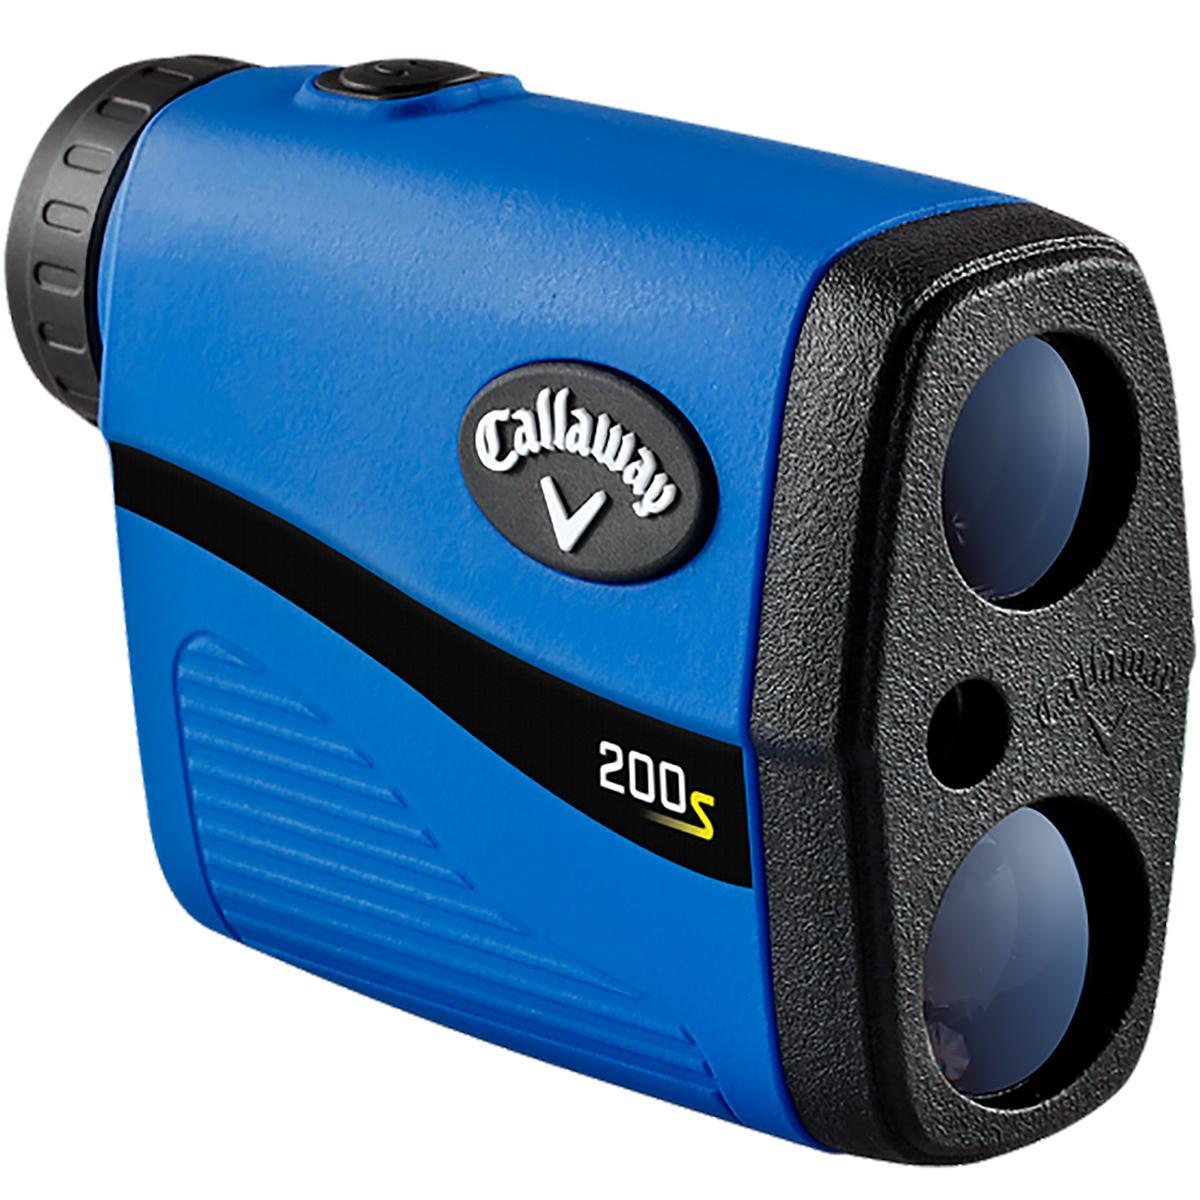 【11/30(土)0時~23時59分まで!最大2400円OFFクーポン配布♪】キャロウェイゴルフ Callaway Golf 200s LASER RANGEFINDER[GSP ナビ 距離測定器 レーザー 高低差 計測器 ファインダー ]